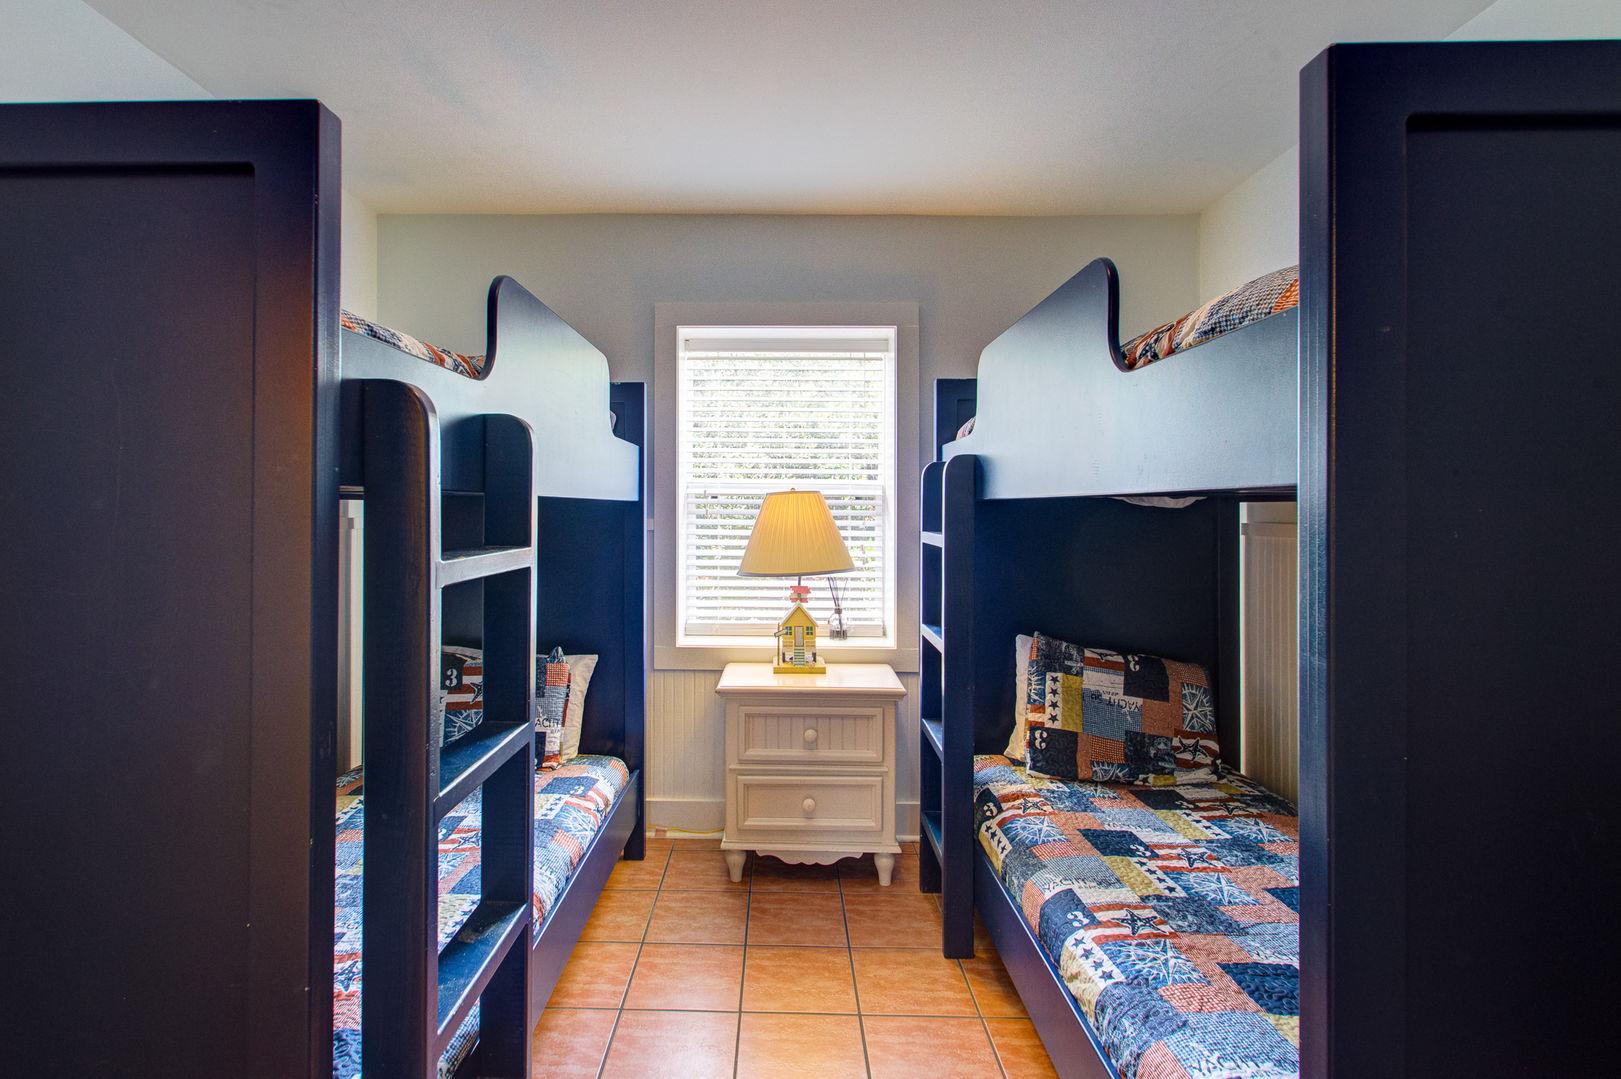 Bedroom #1 has 2 twin beds to sleep 4.